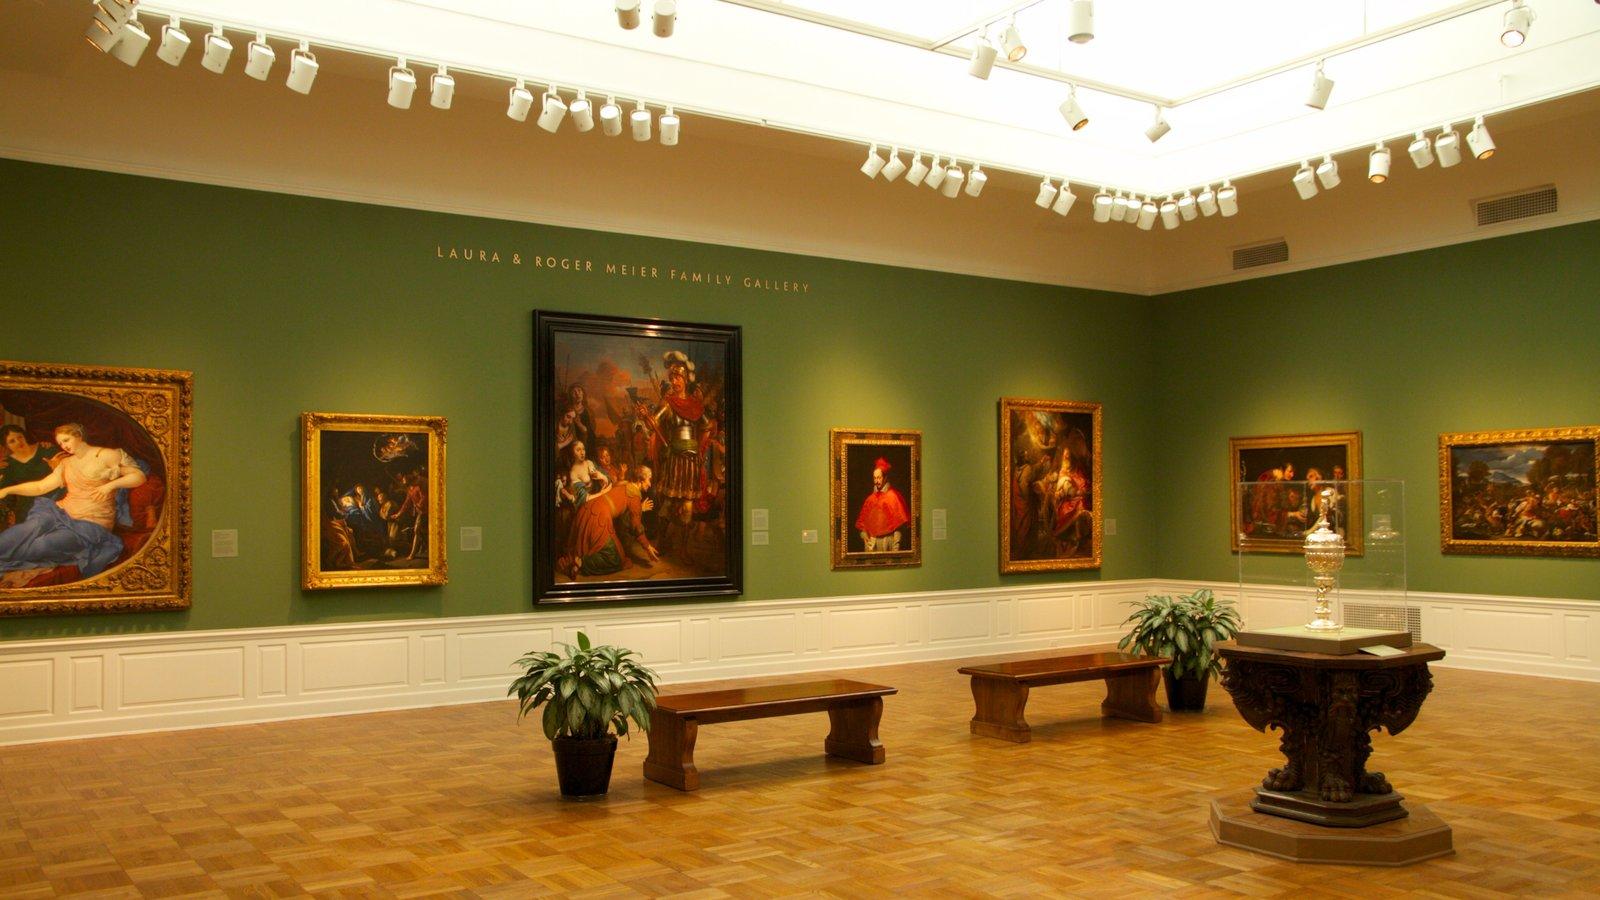 Portland Art Museum ofreciendo vistas interiores y arte